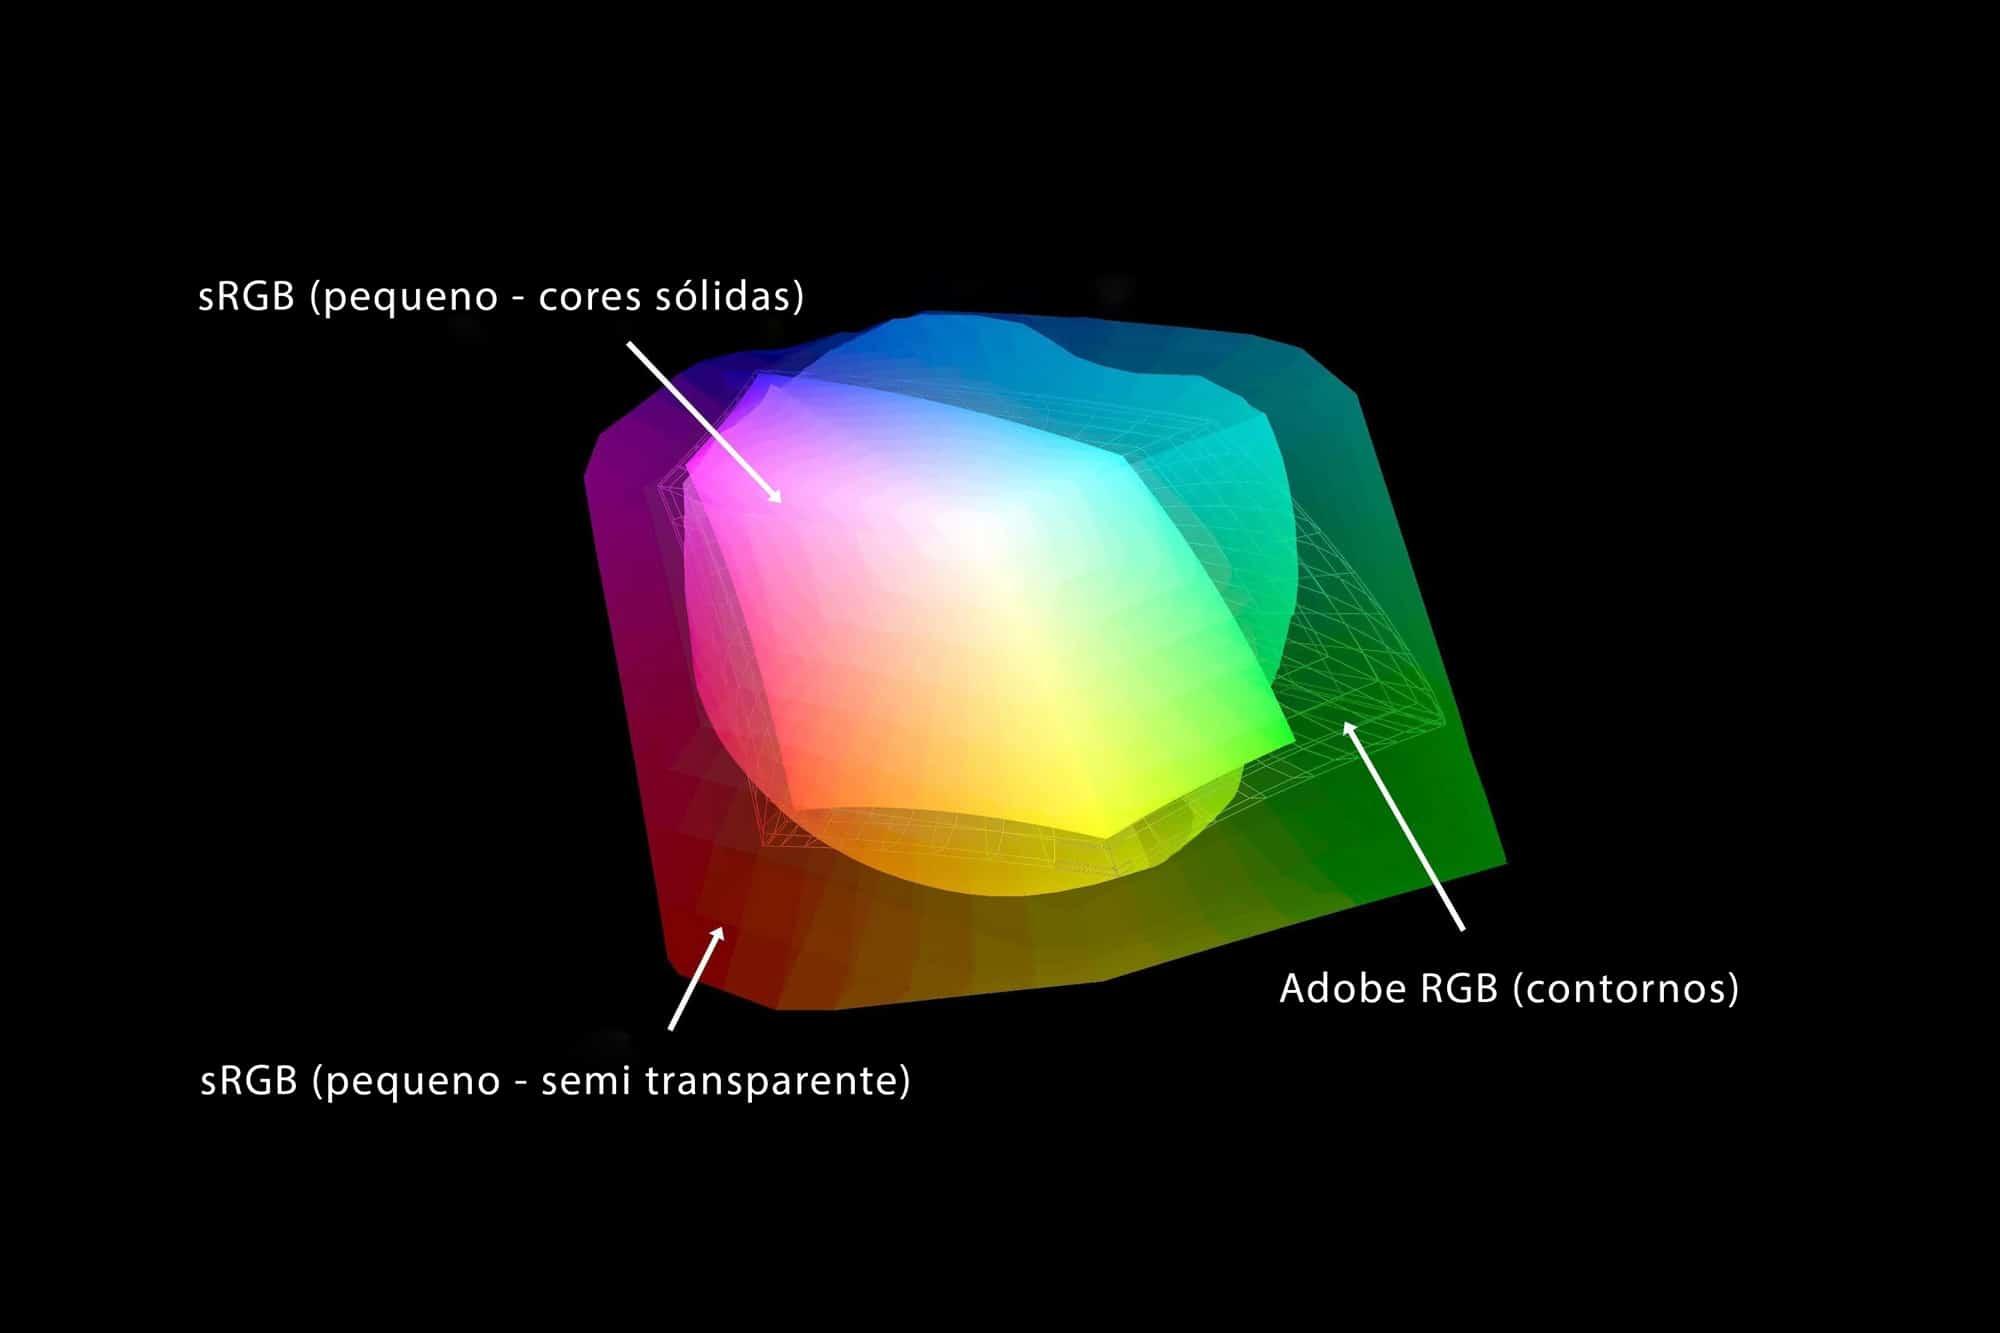 Adobe RGB vs sRGB | Qual é o Melhor entre os 2? Entenda as diferenças